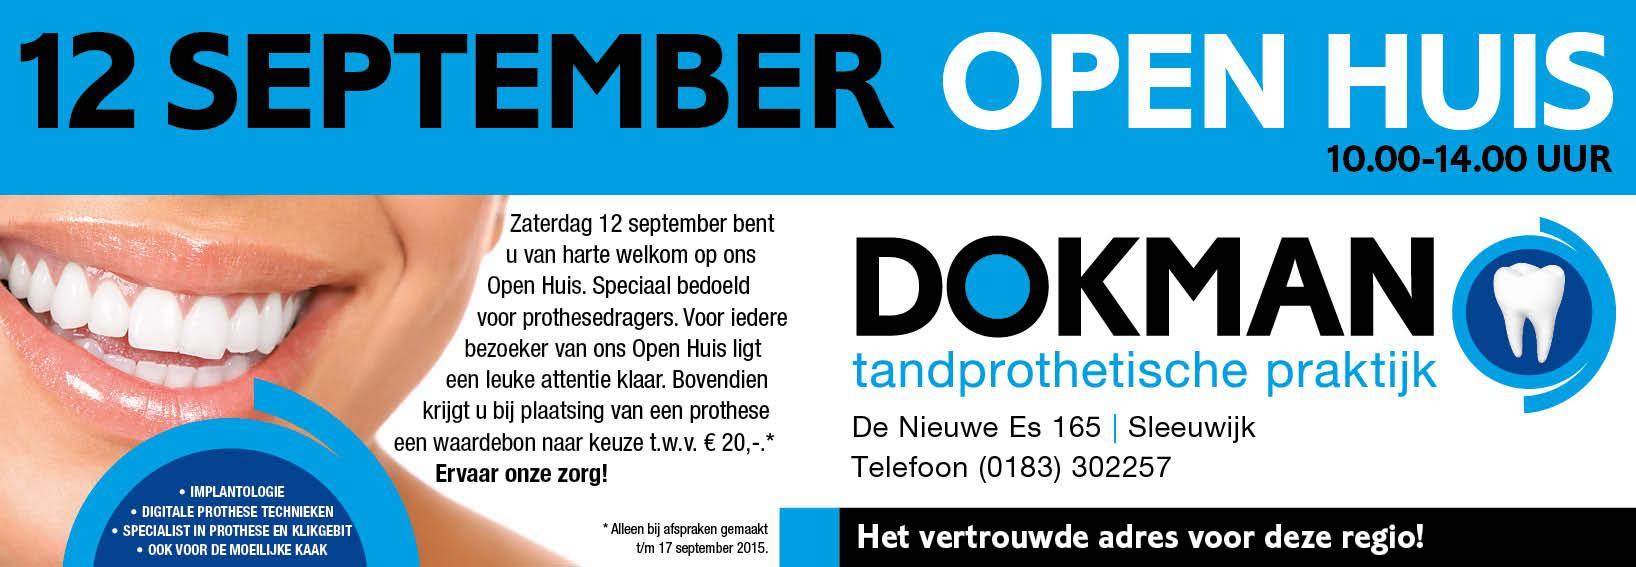 Open Huis Zaterdag 12 September